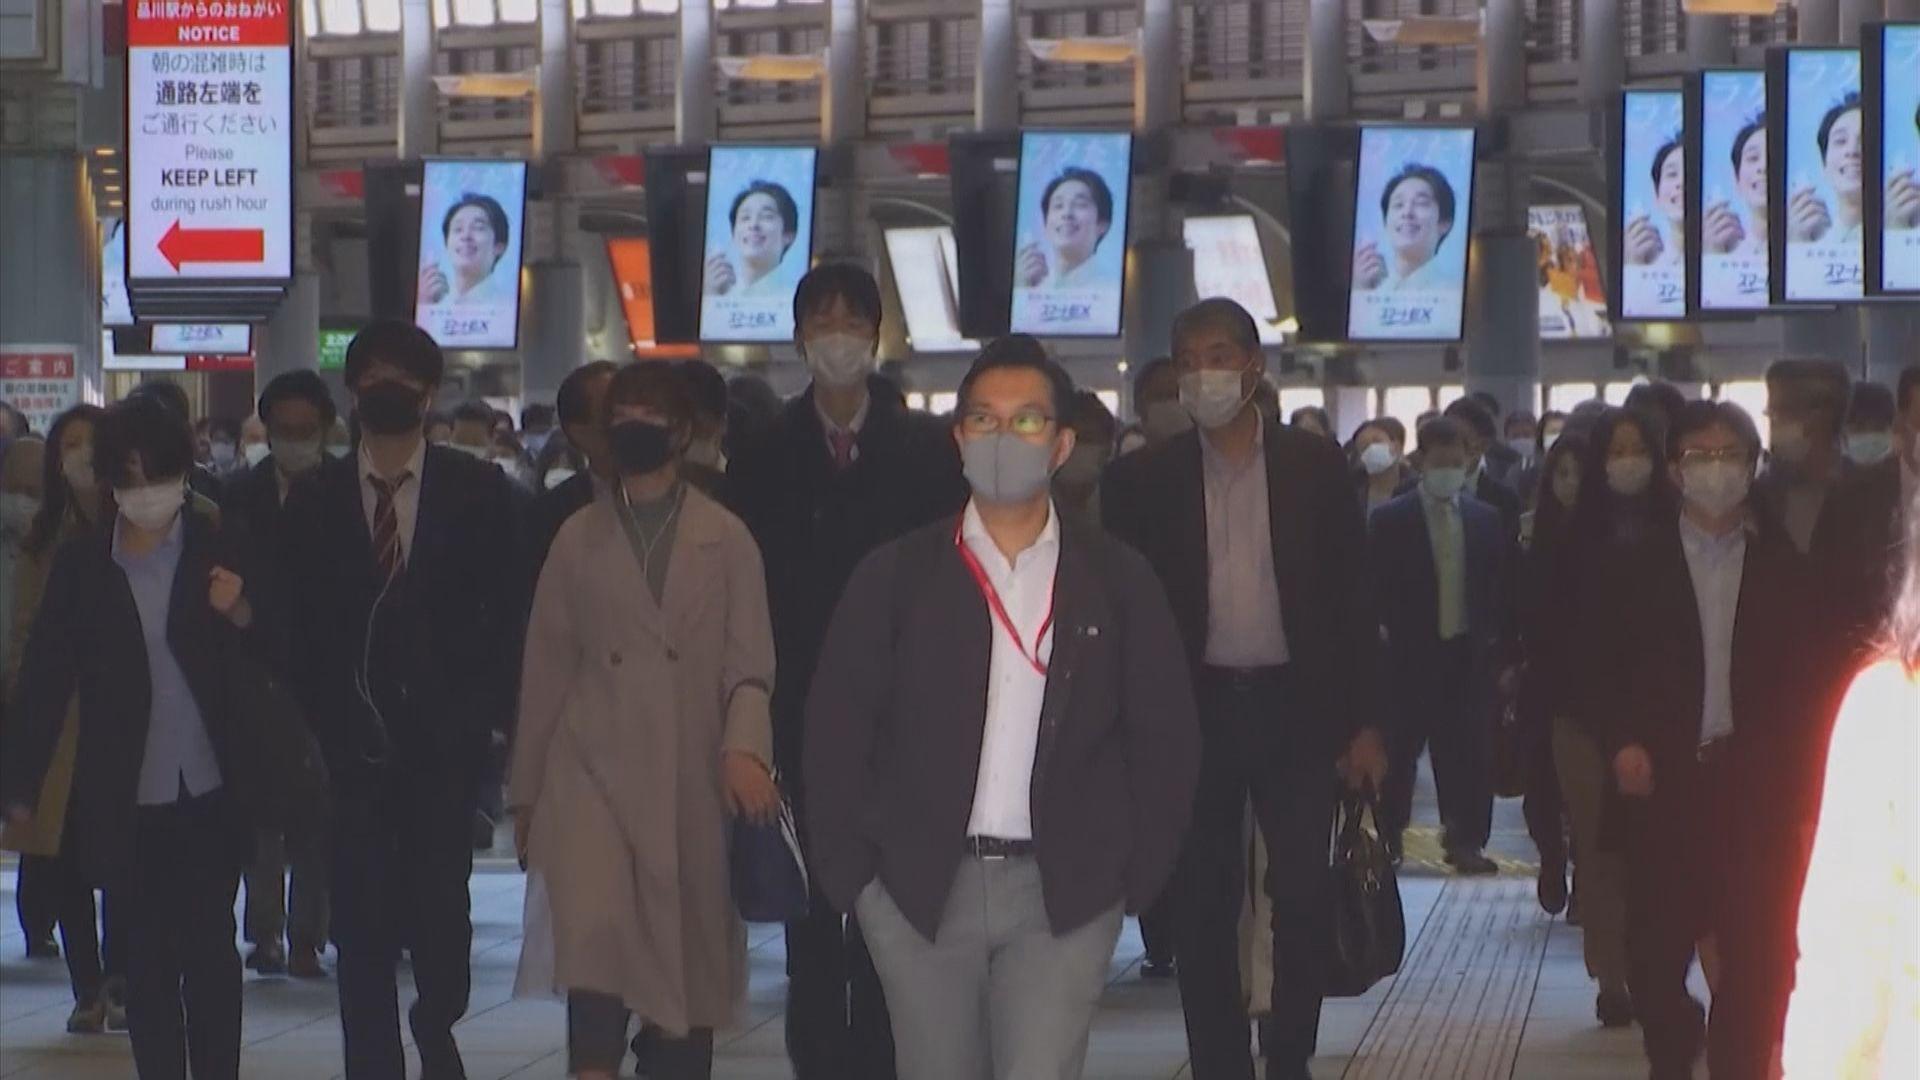 東京都大阪府等地區需繼續維持嚴格措施控疫